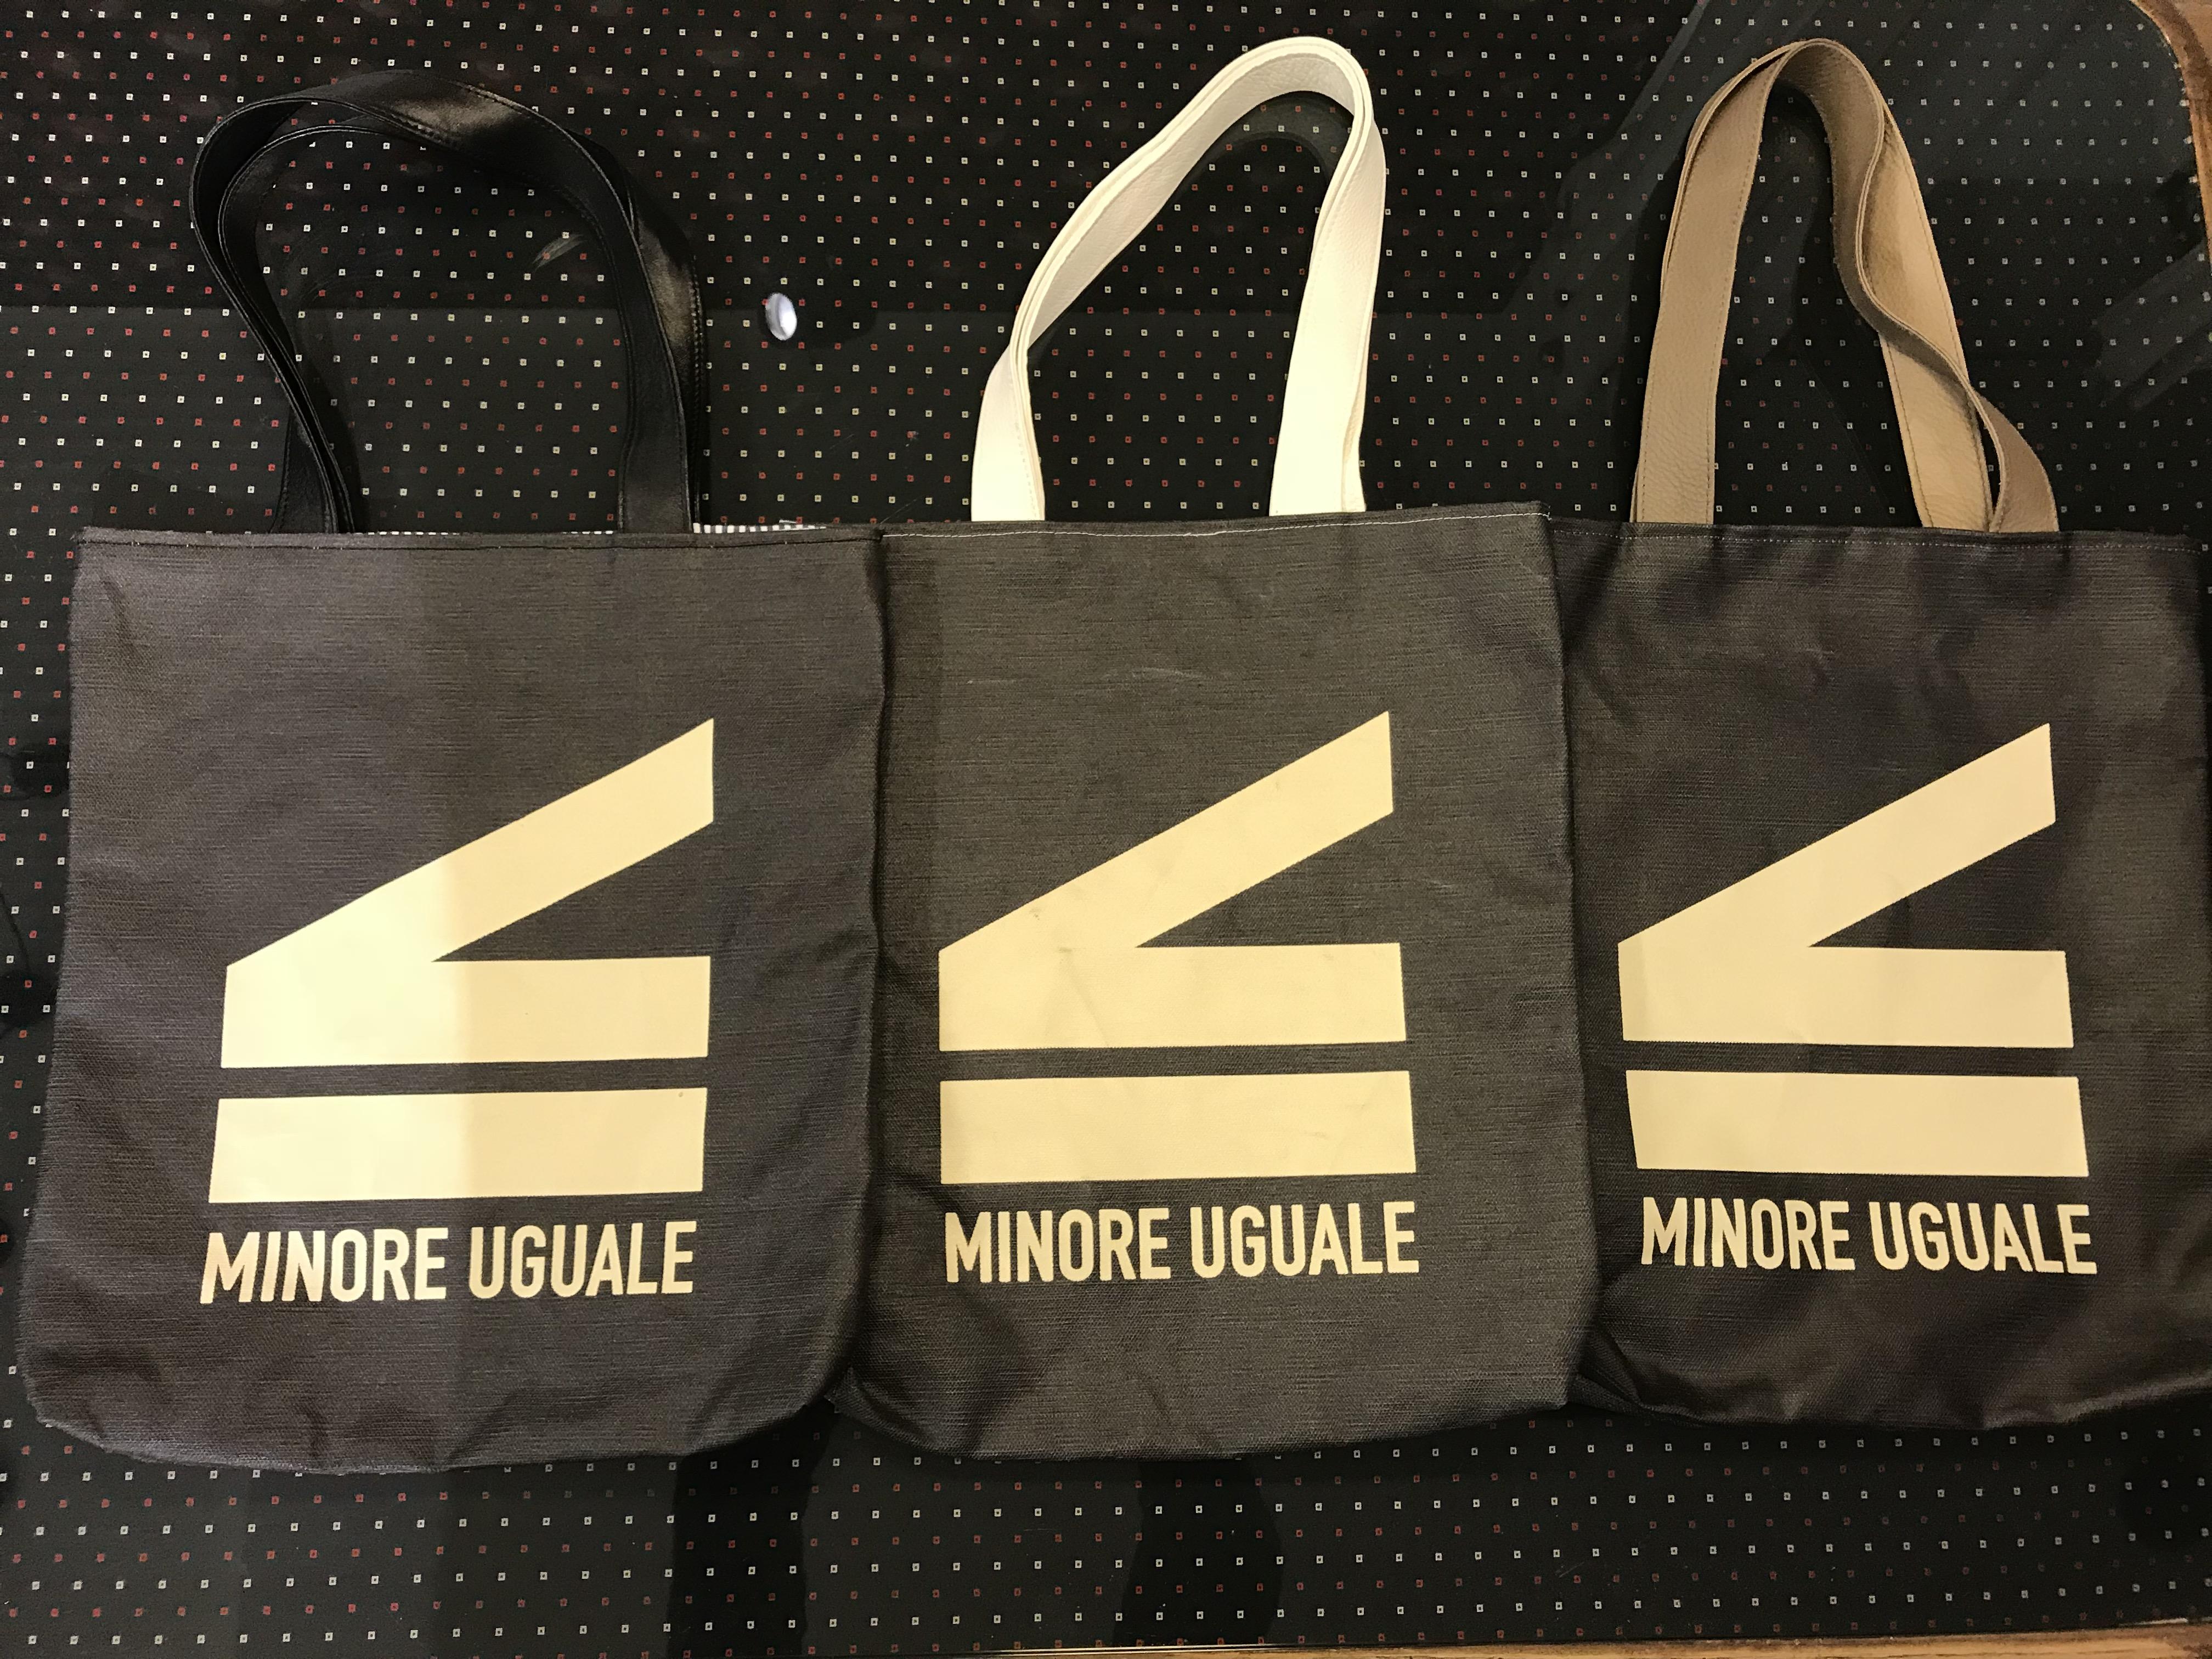 Le borse MinoreUGUALE: l'uguaglianza è questione di logica